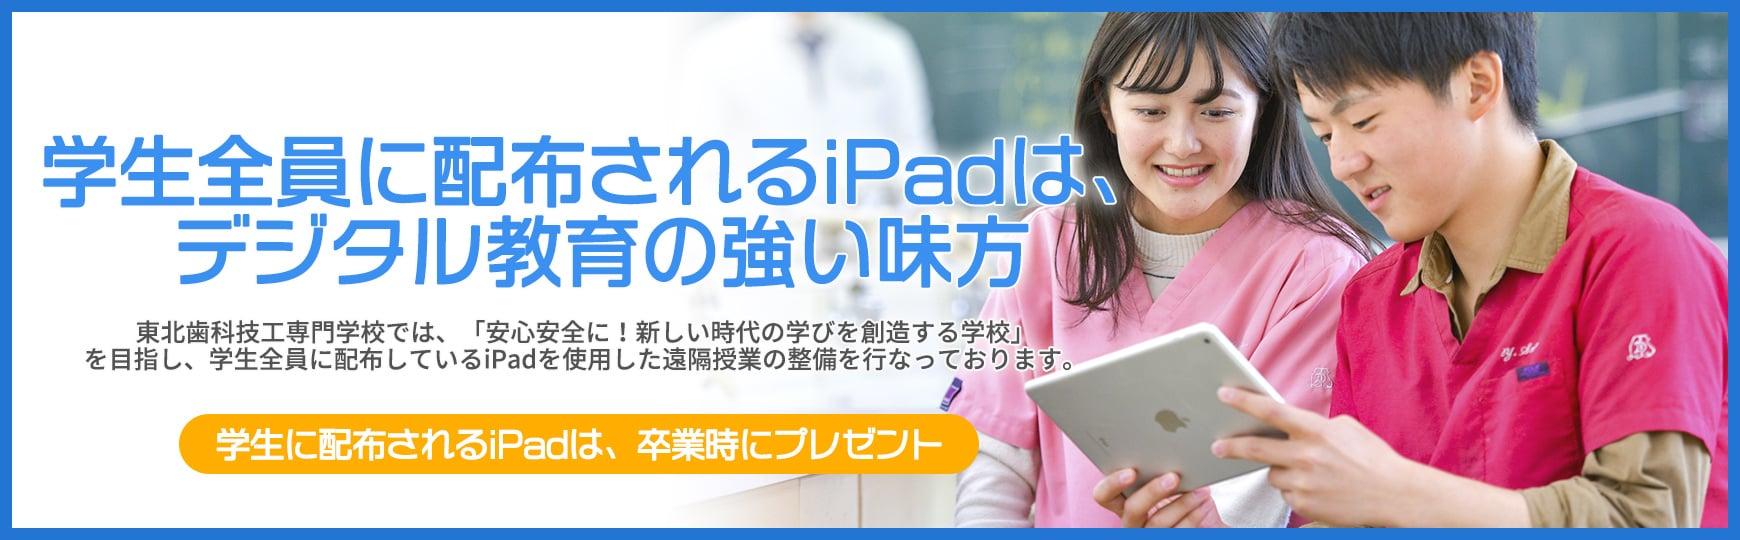 学生全員に配布されるiPadは、デジタル教育の強い味方